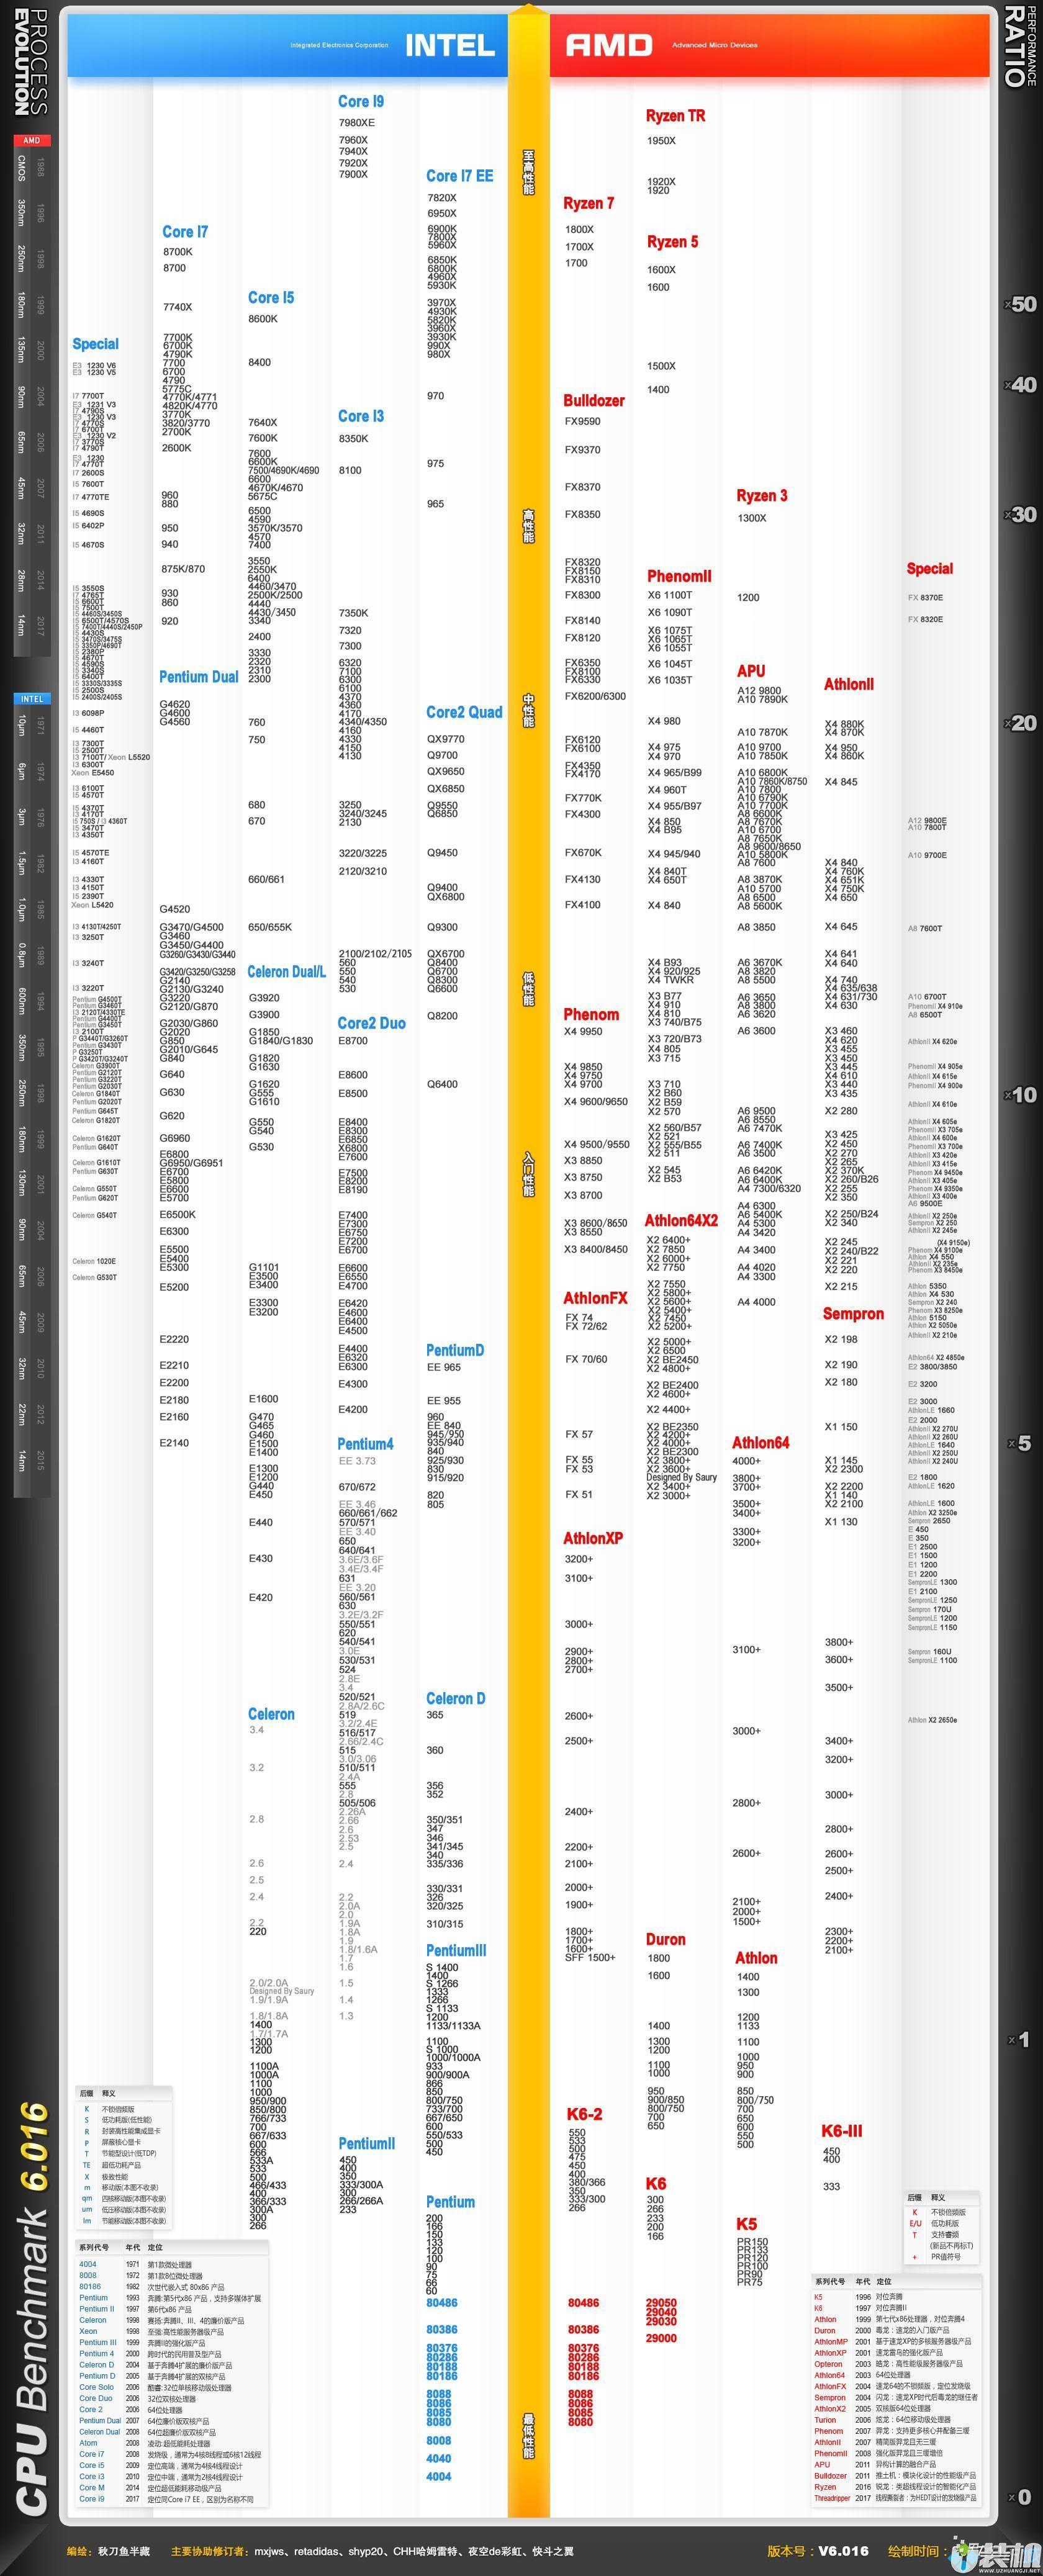 大嘴棋牌官方下载_2018最新版cpu天梯图|最新电脑cpu处理器性能排行榜 -u装机